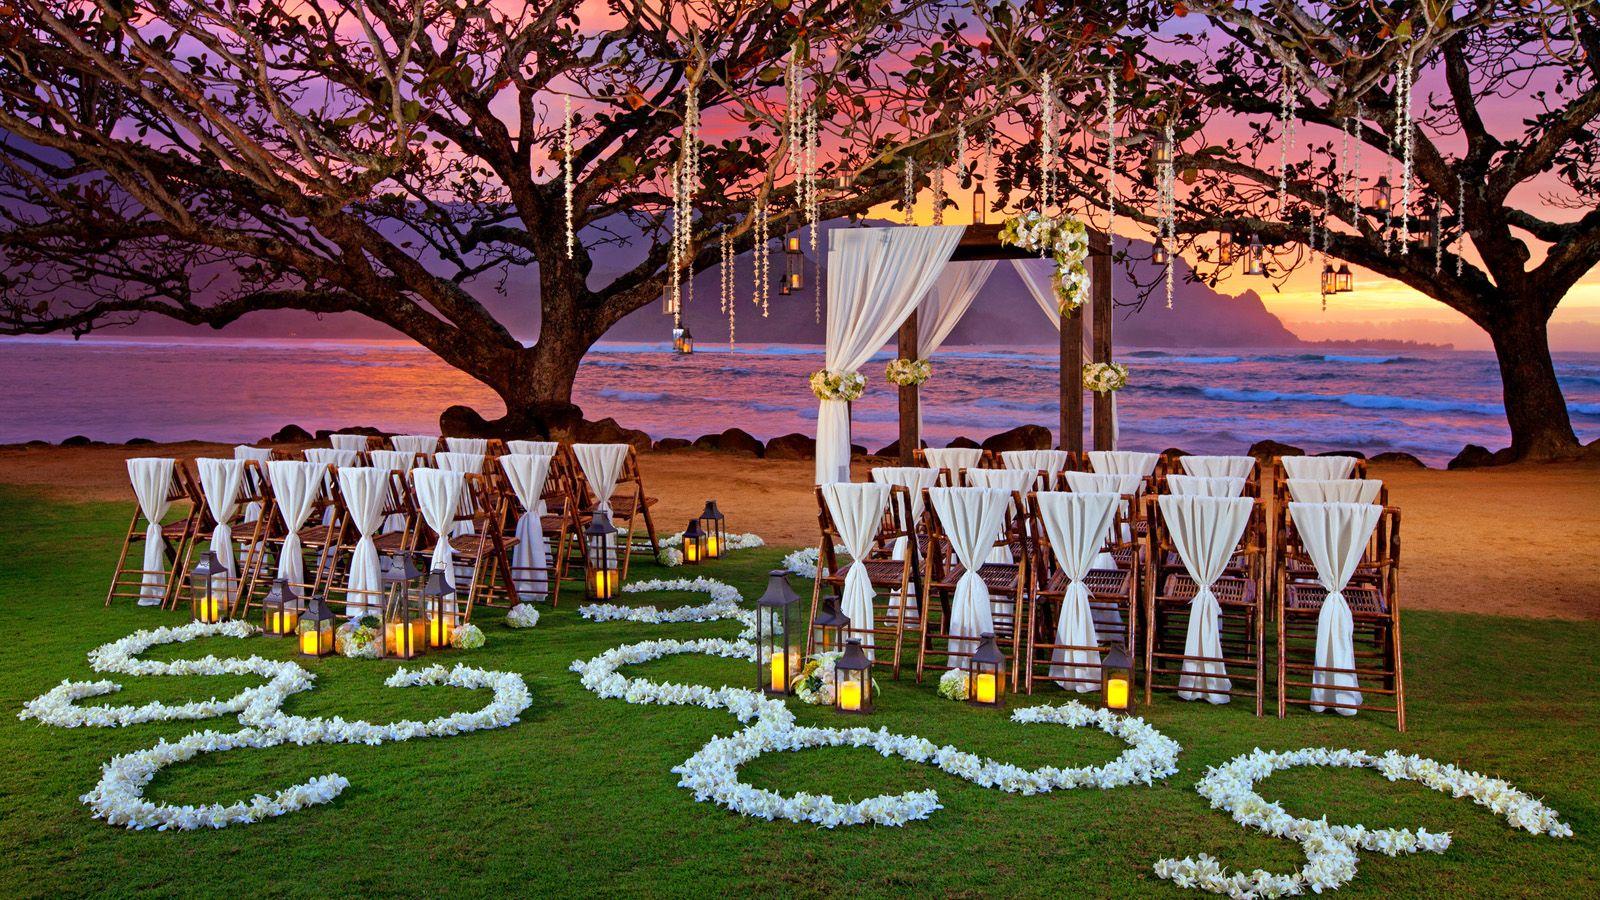 18 Fairy Tale Castle Wedding Venues In